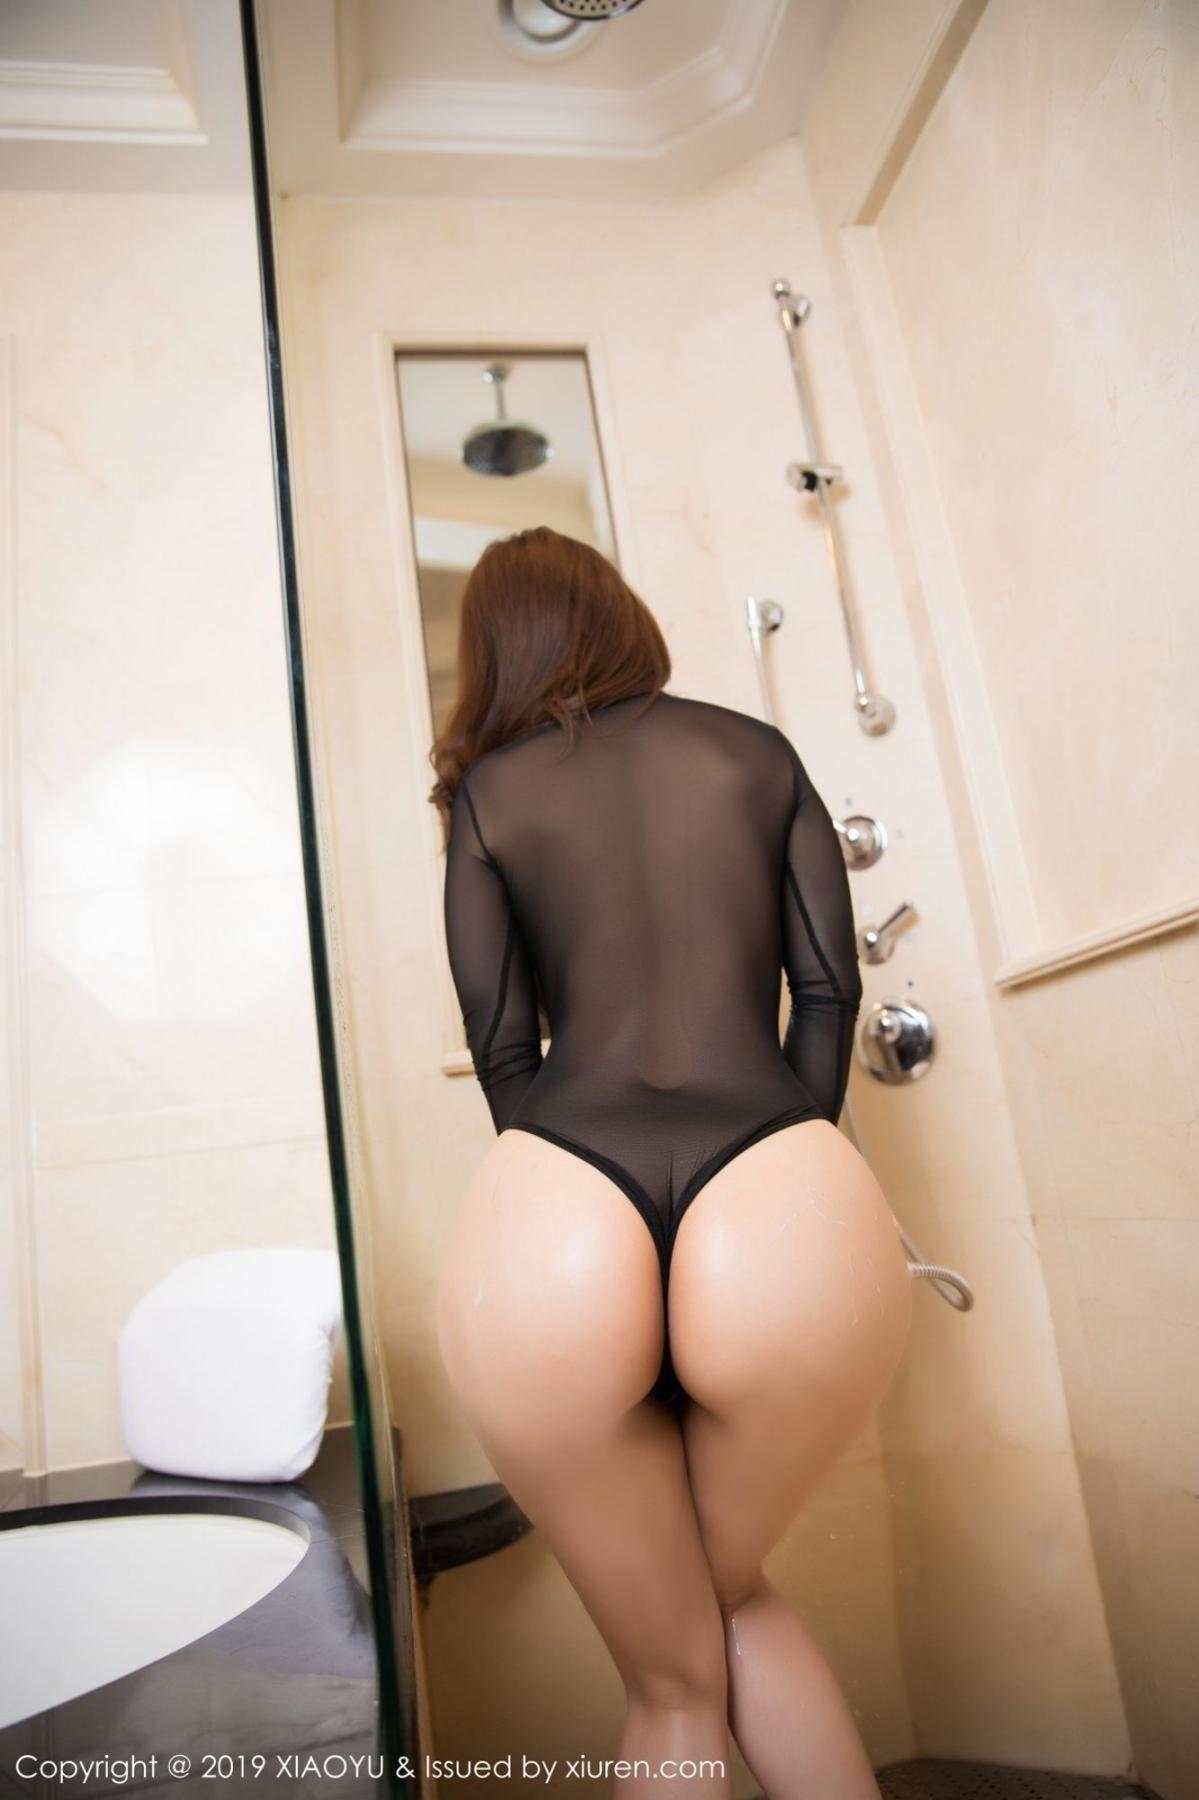 [XiaoYu] Vol.091 Chun Xiao Xi 51P, Bathroom, Chun Xiao Xi, Wet, XiaoYu